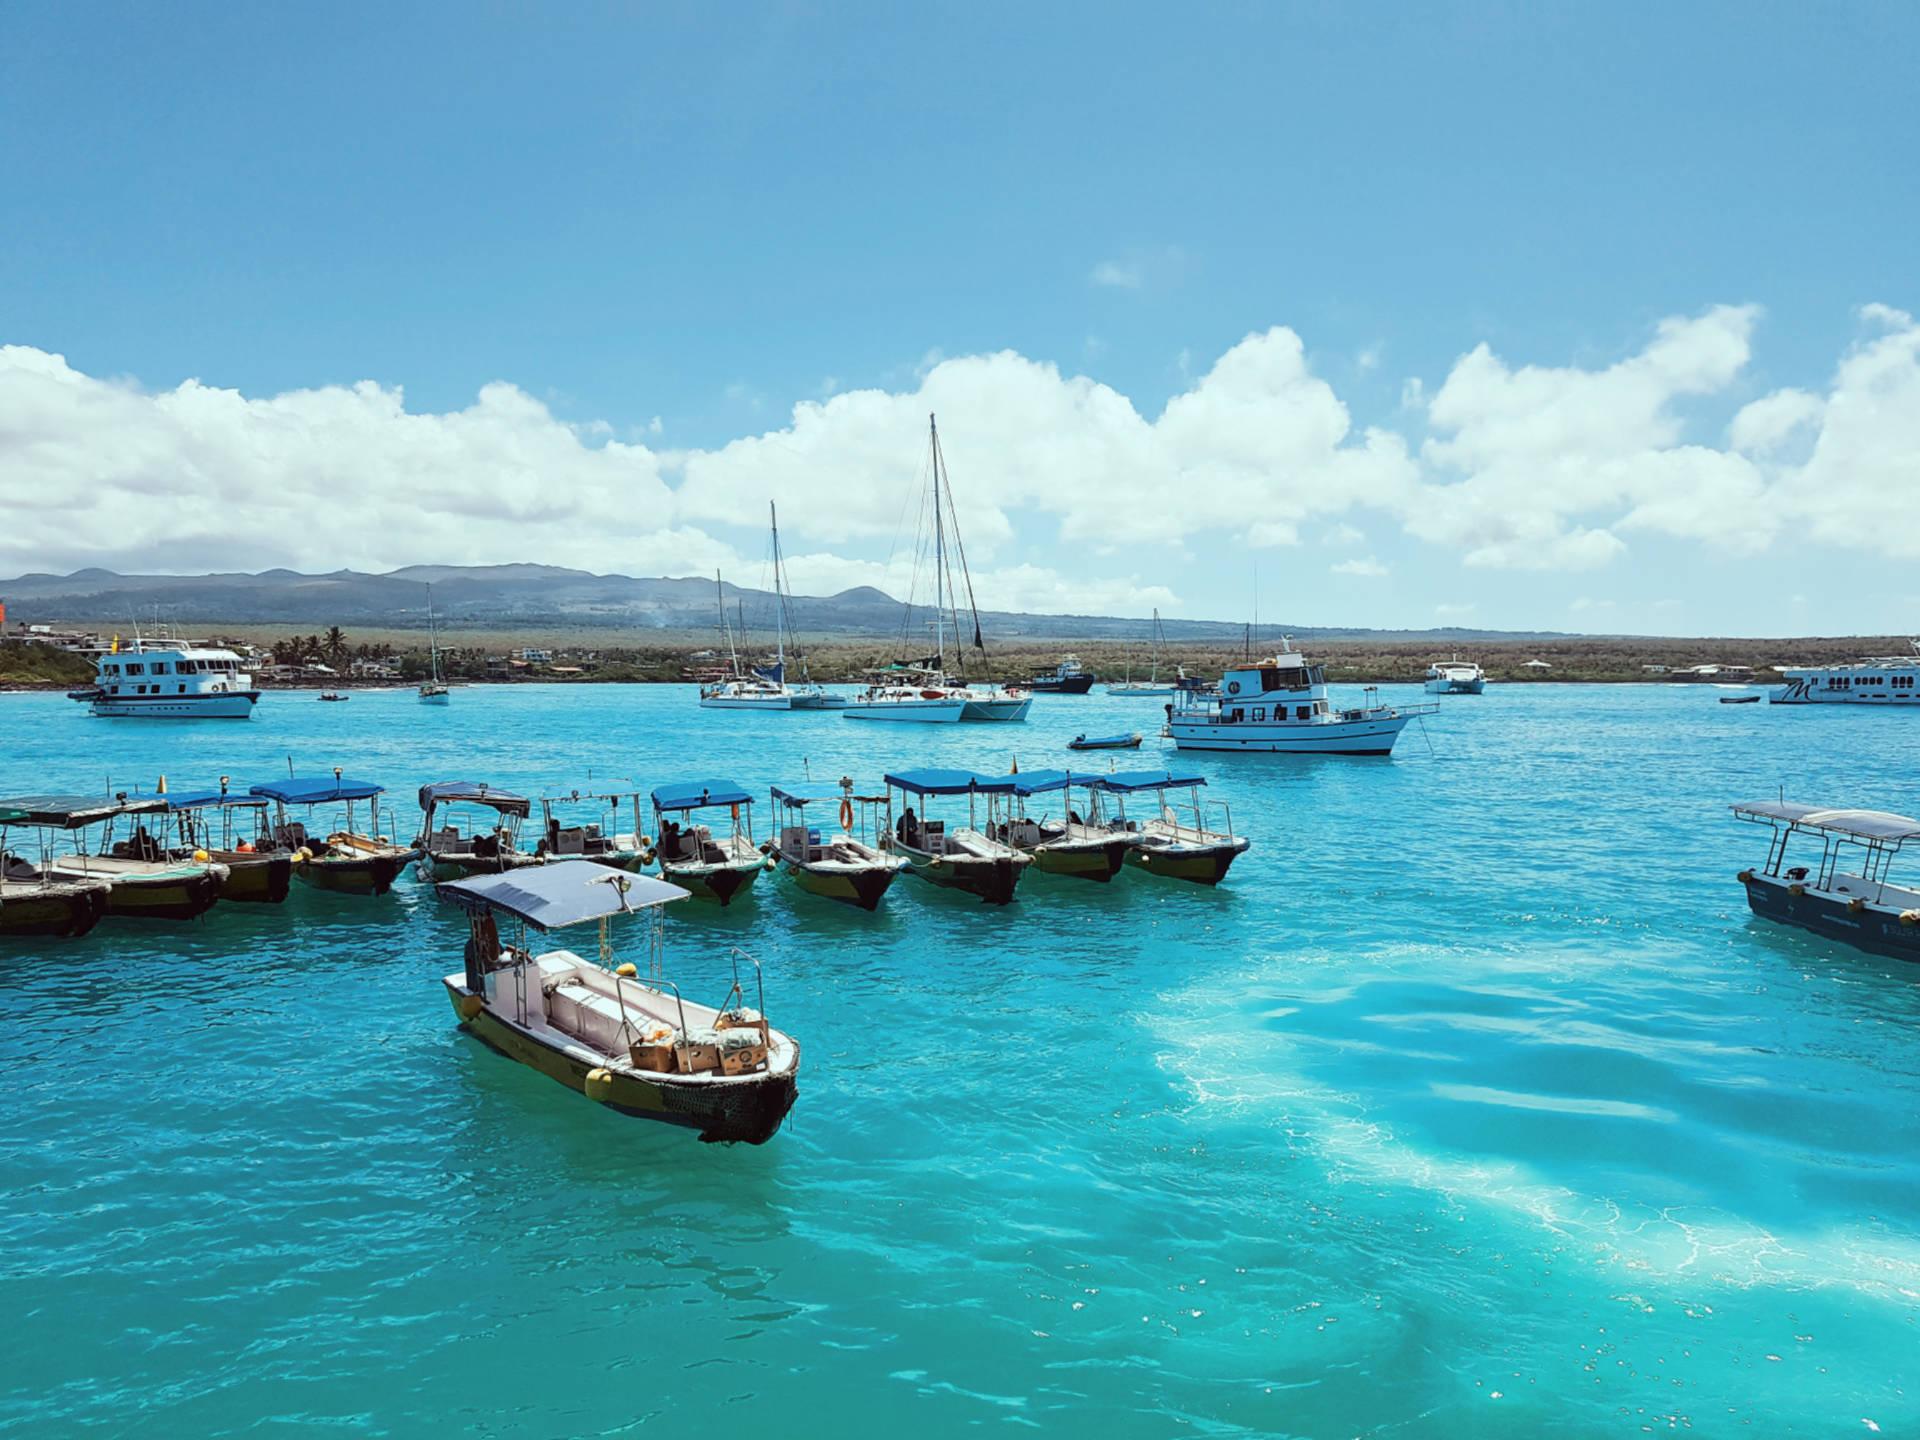 Jak tanio zwiedzić Wyspy Galapagos Darmowe atrakcje nawyspach (3)